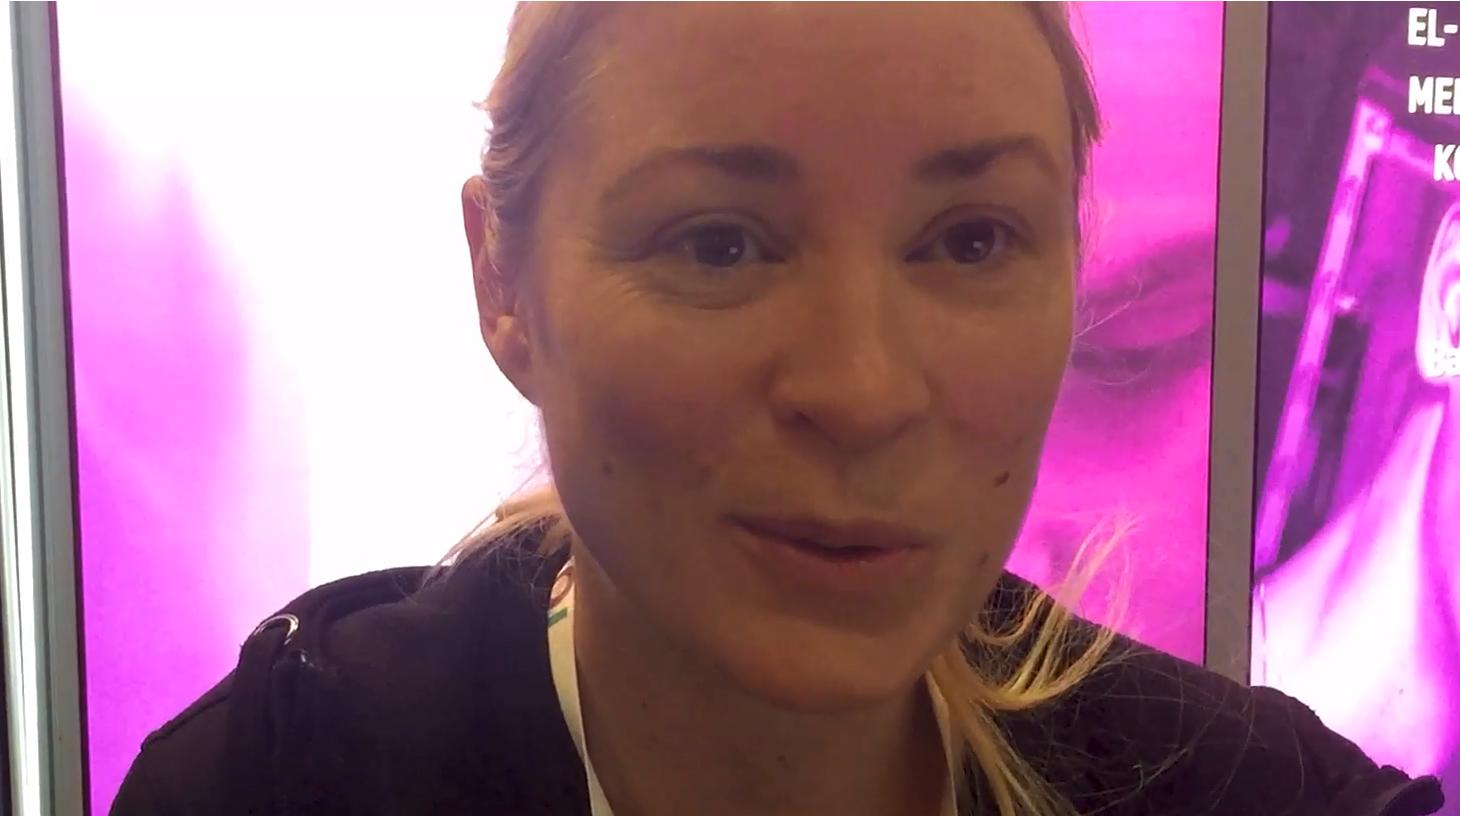 Linda Pihlqvist